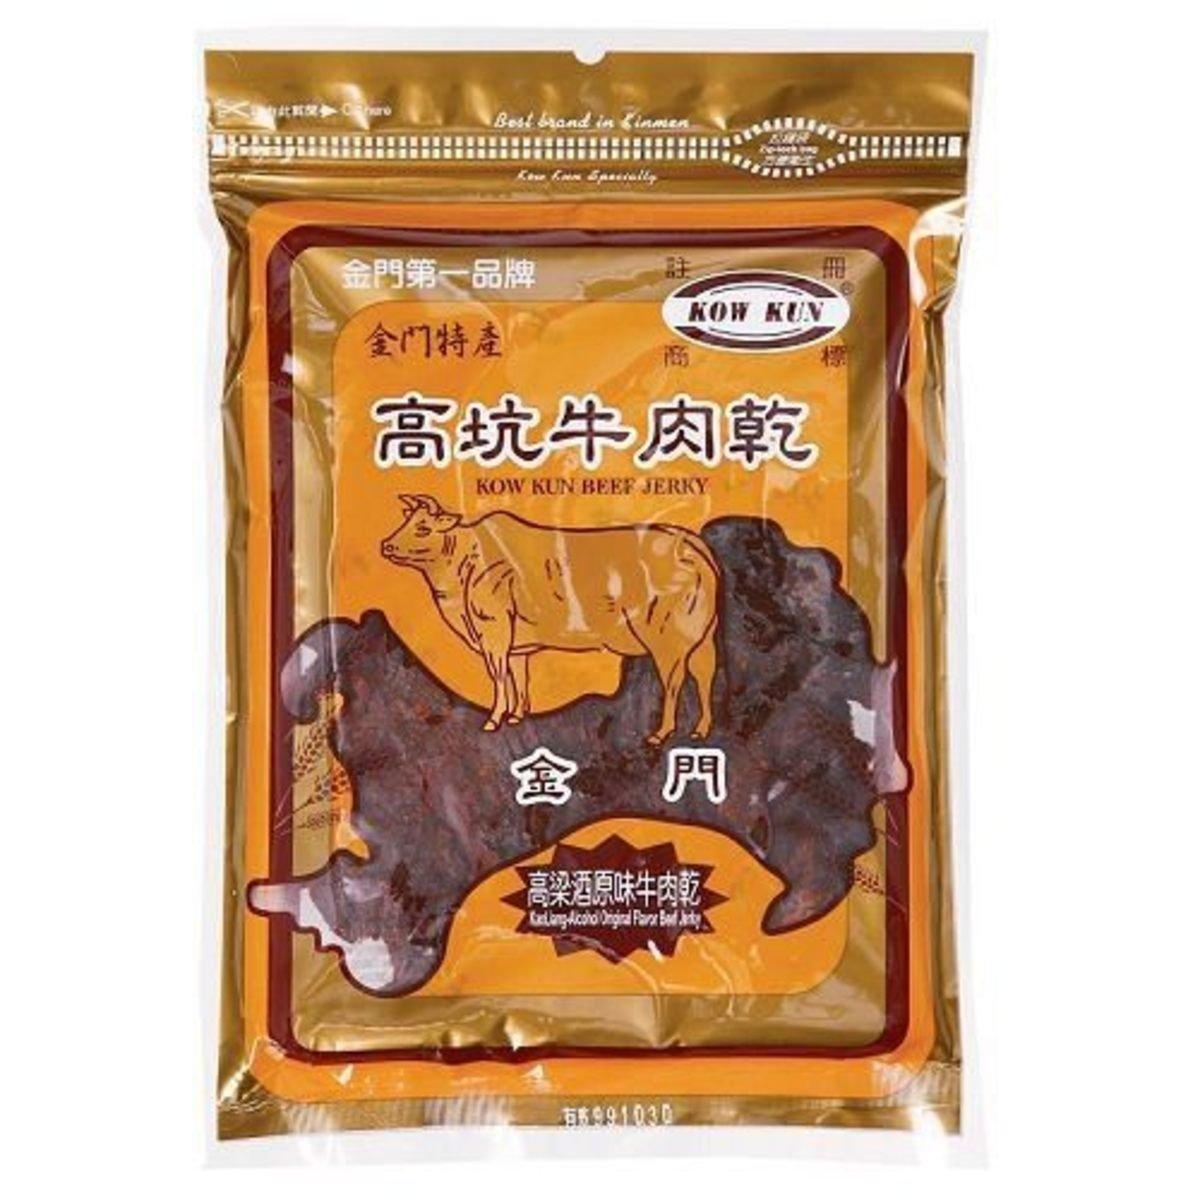 高坑高梁酒原味牛肉乾(190克)#